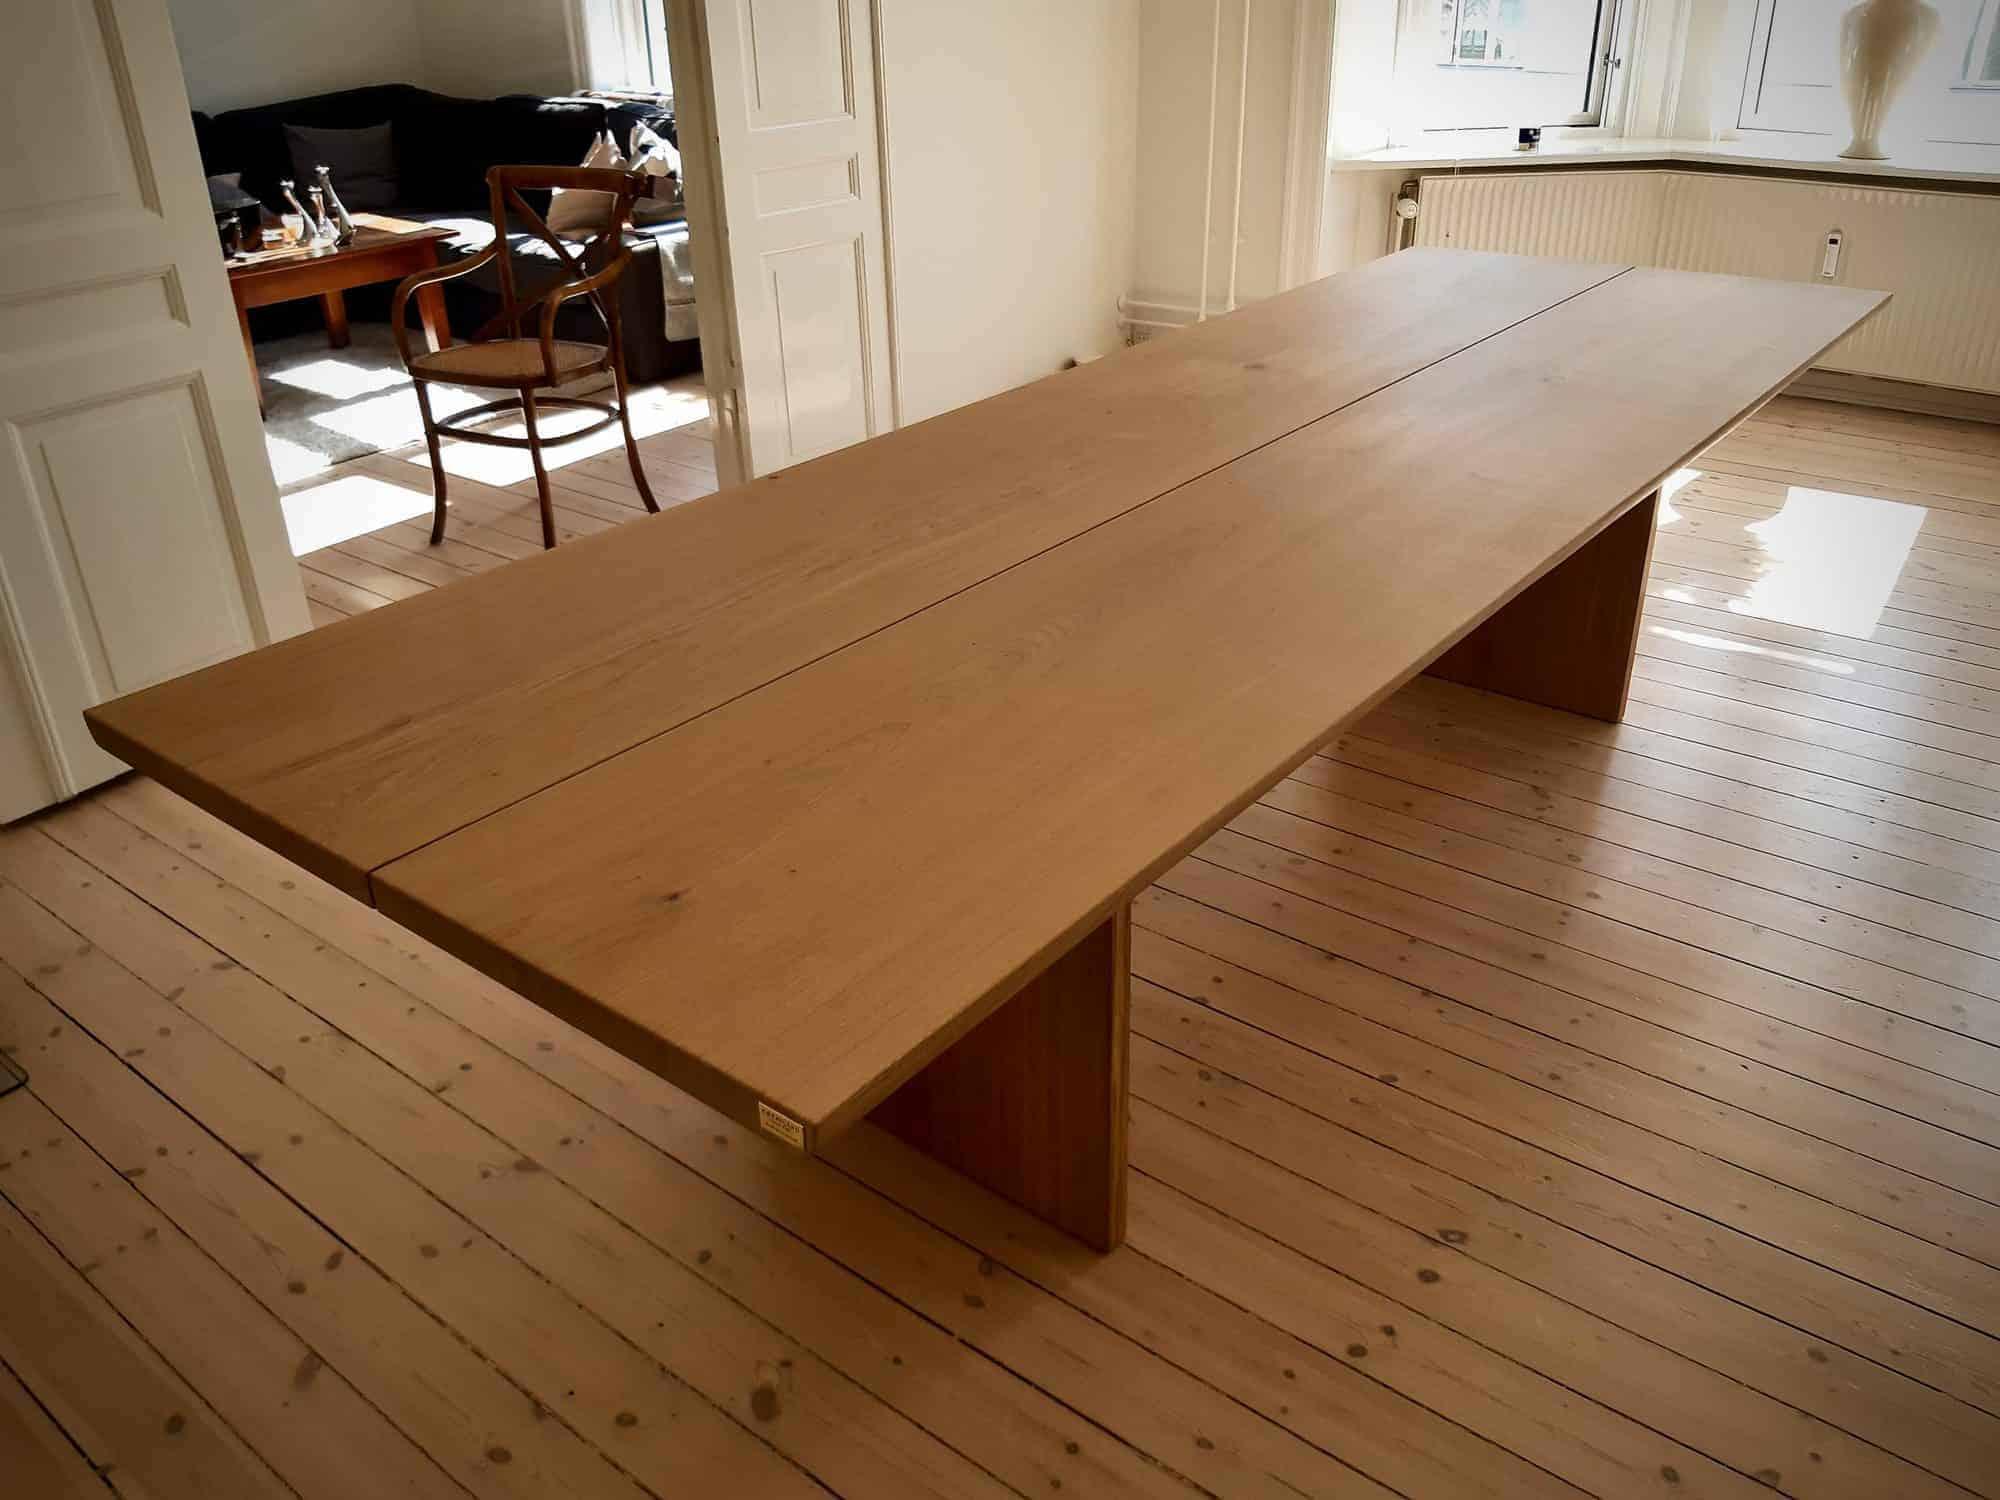 plankebord planke bord i trae Kaerbygård september 2020 3 scaled